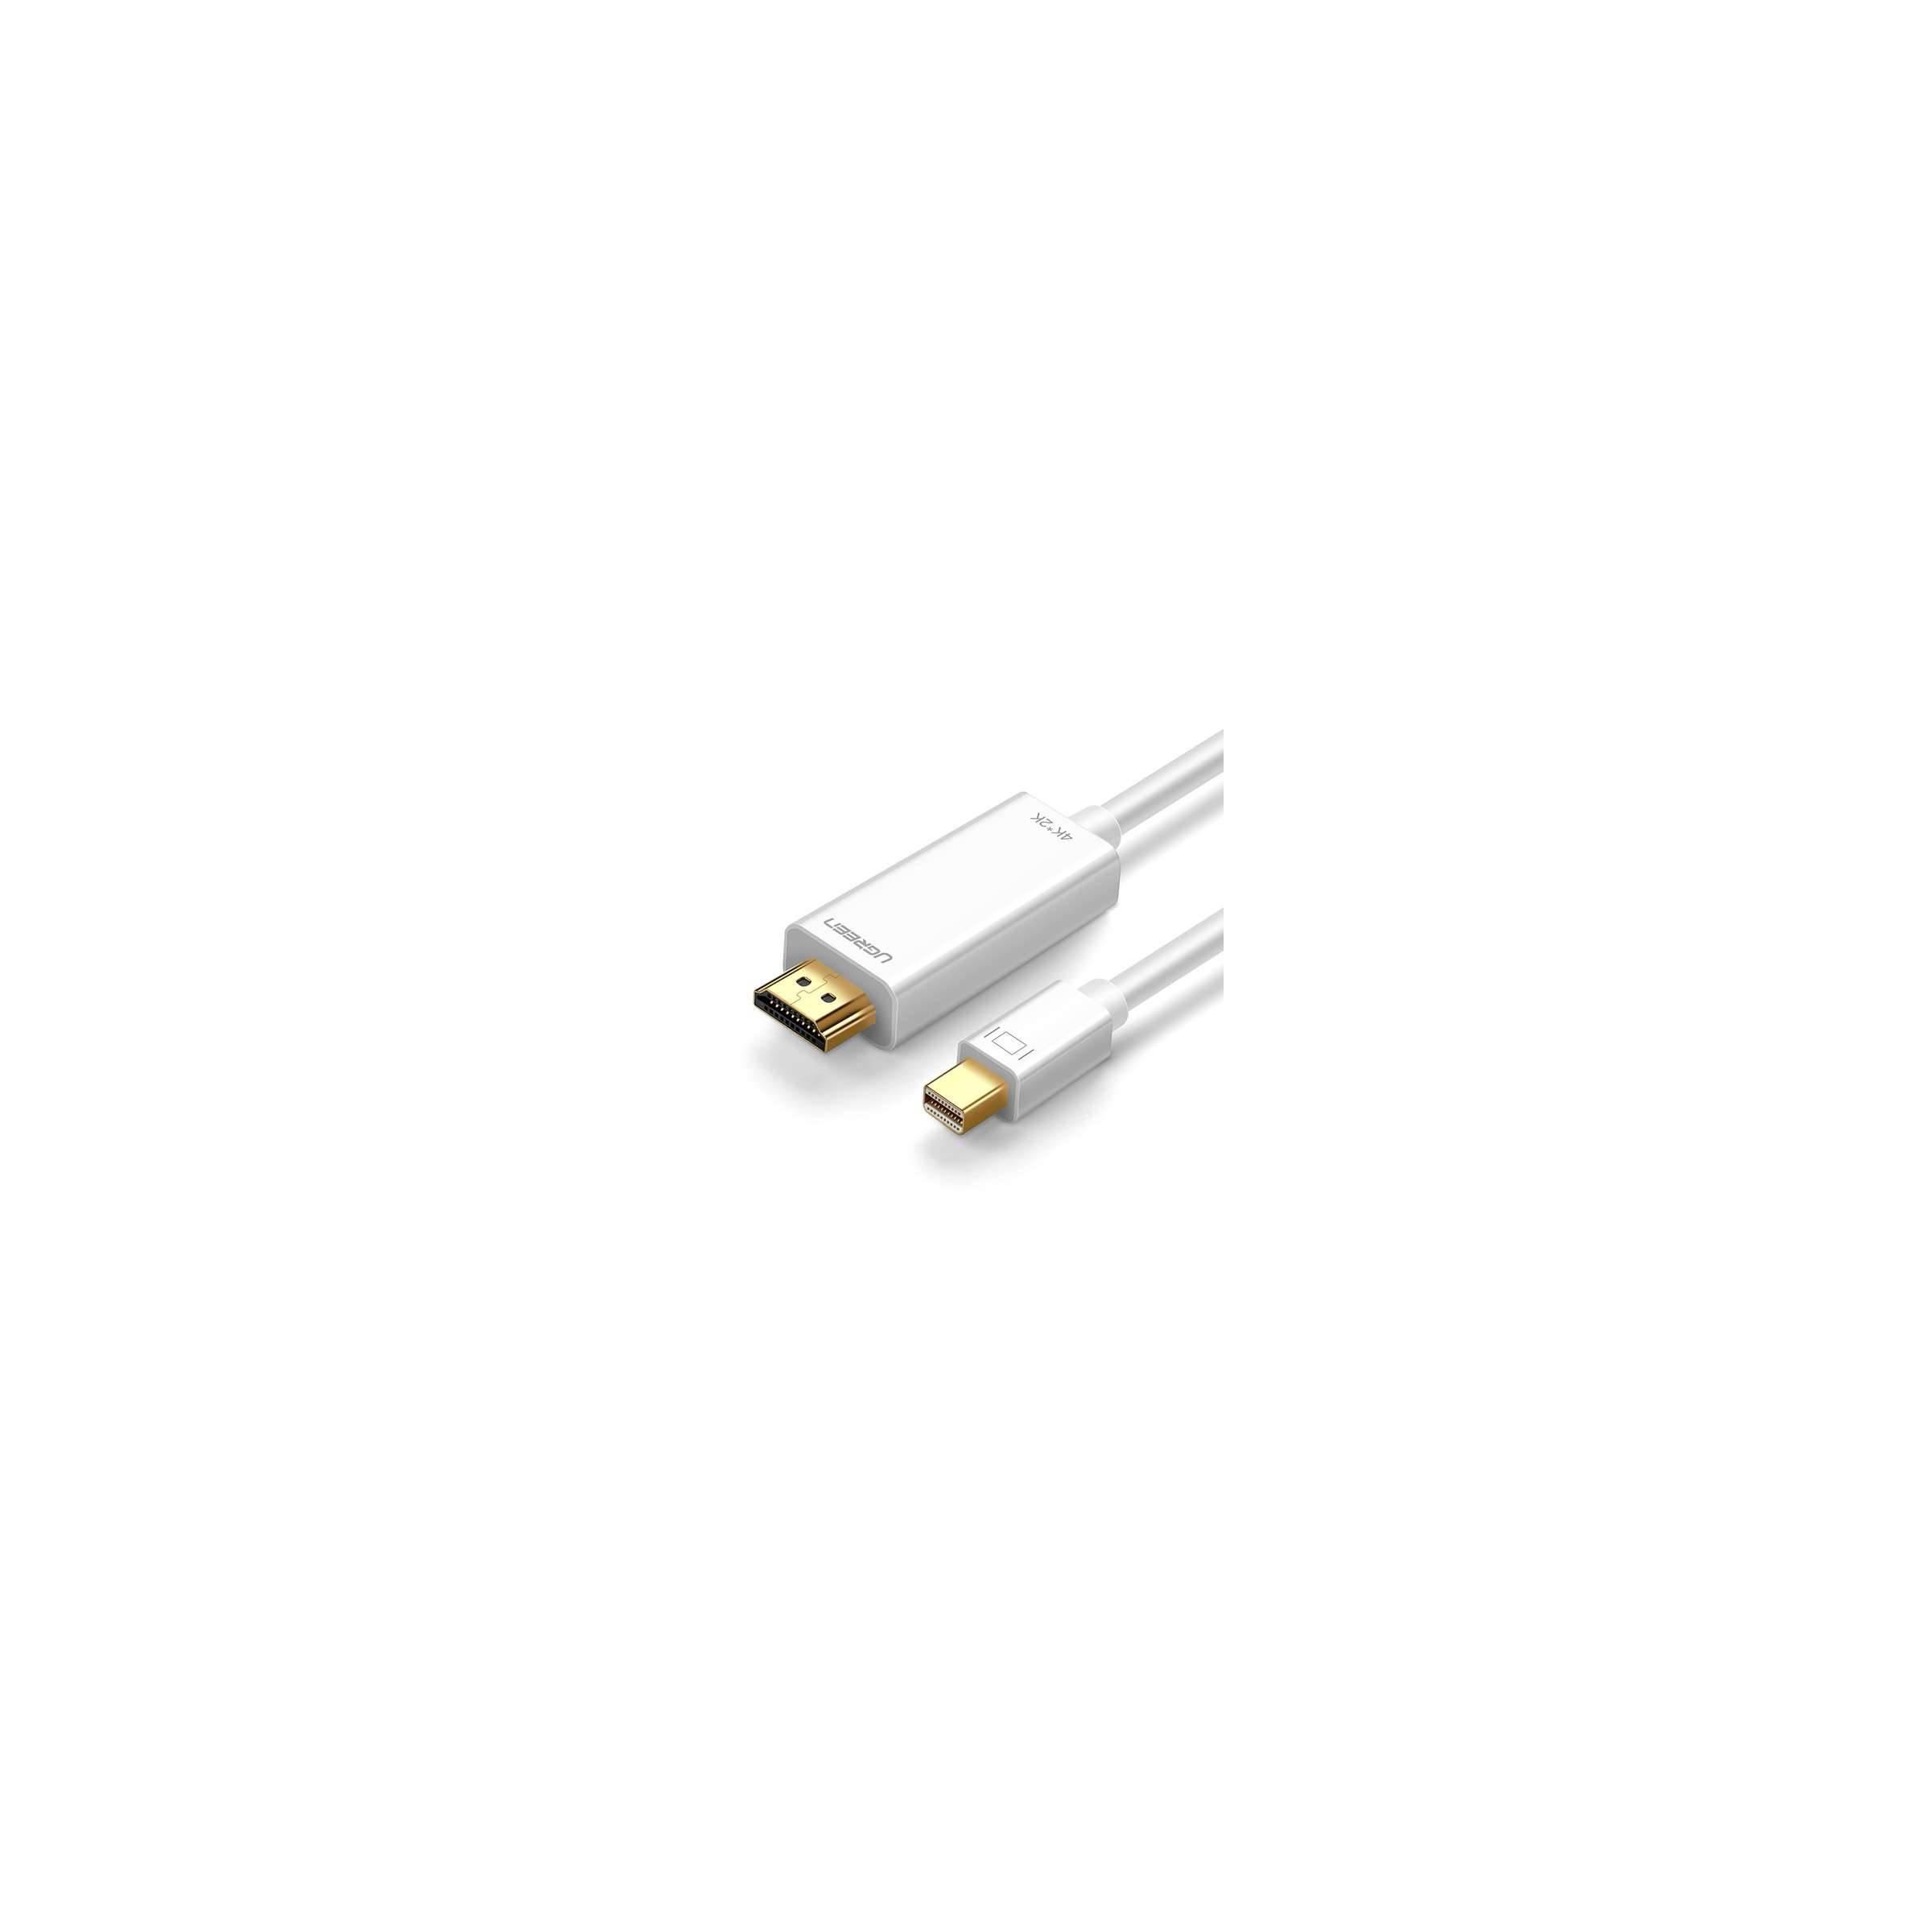 ugreen – Mini displayport til hdmi (4k) ugreen farve hvid, længde 1,5 meter fra mackabler.dk